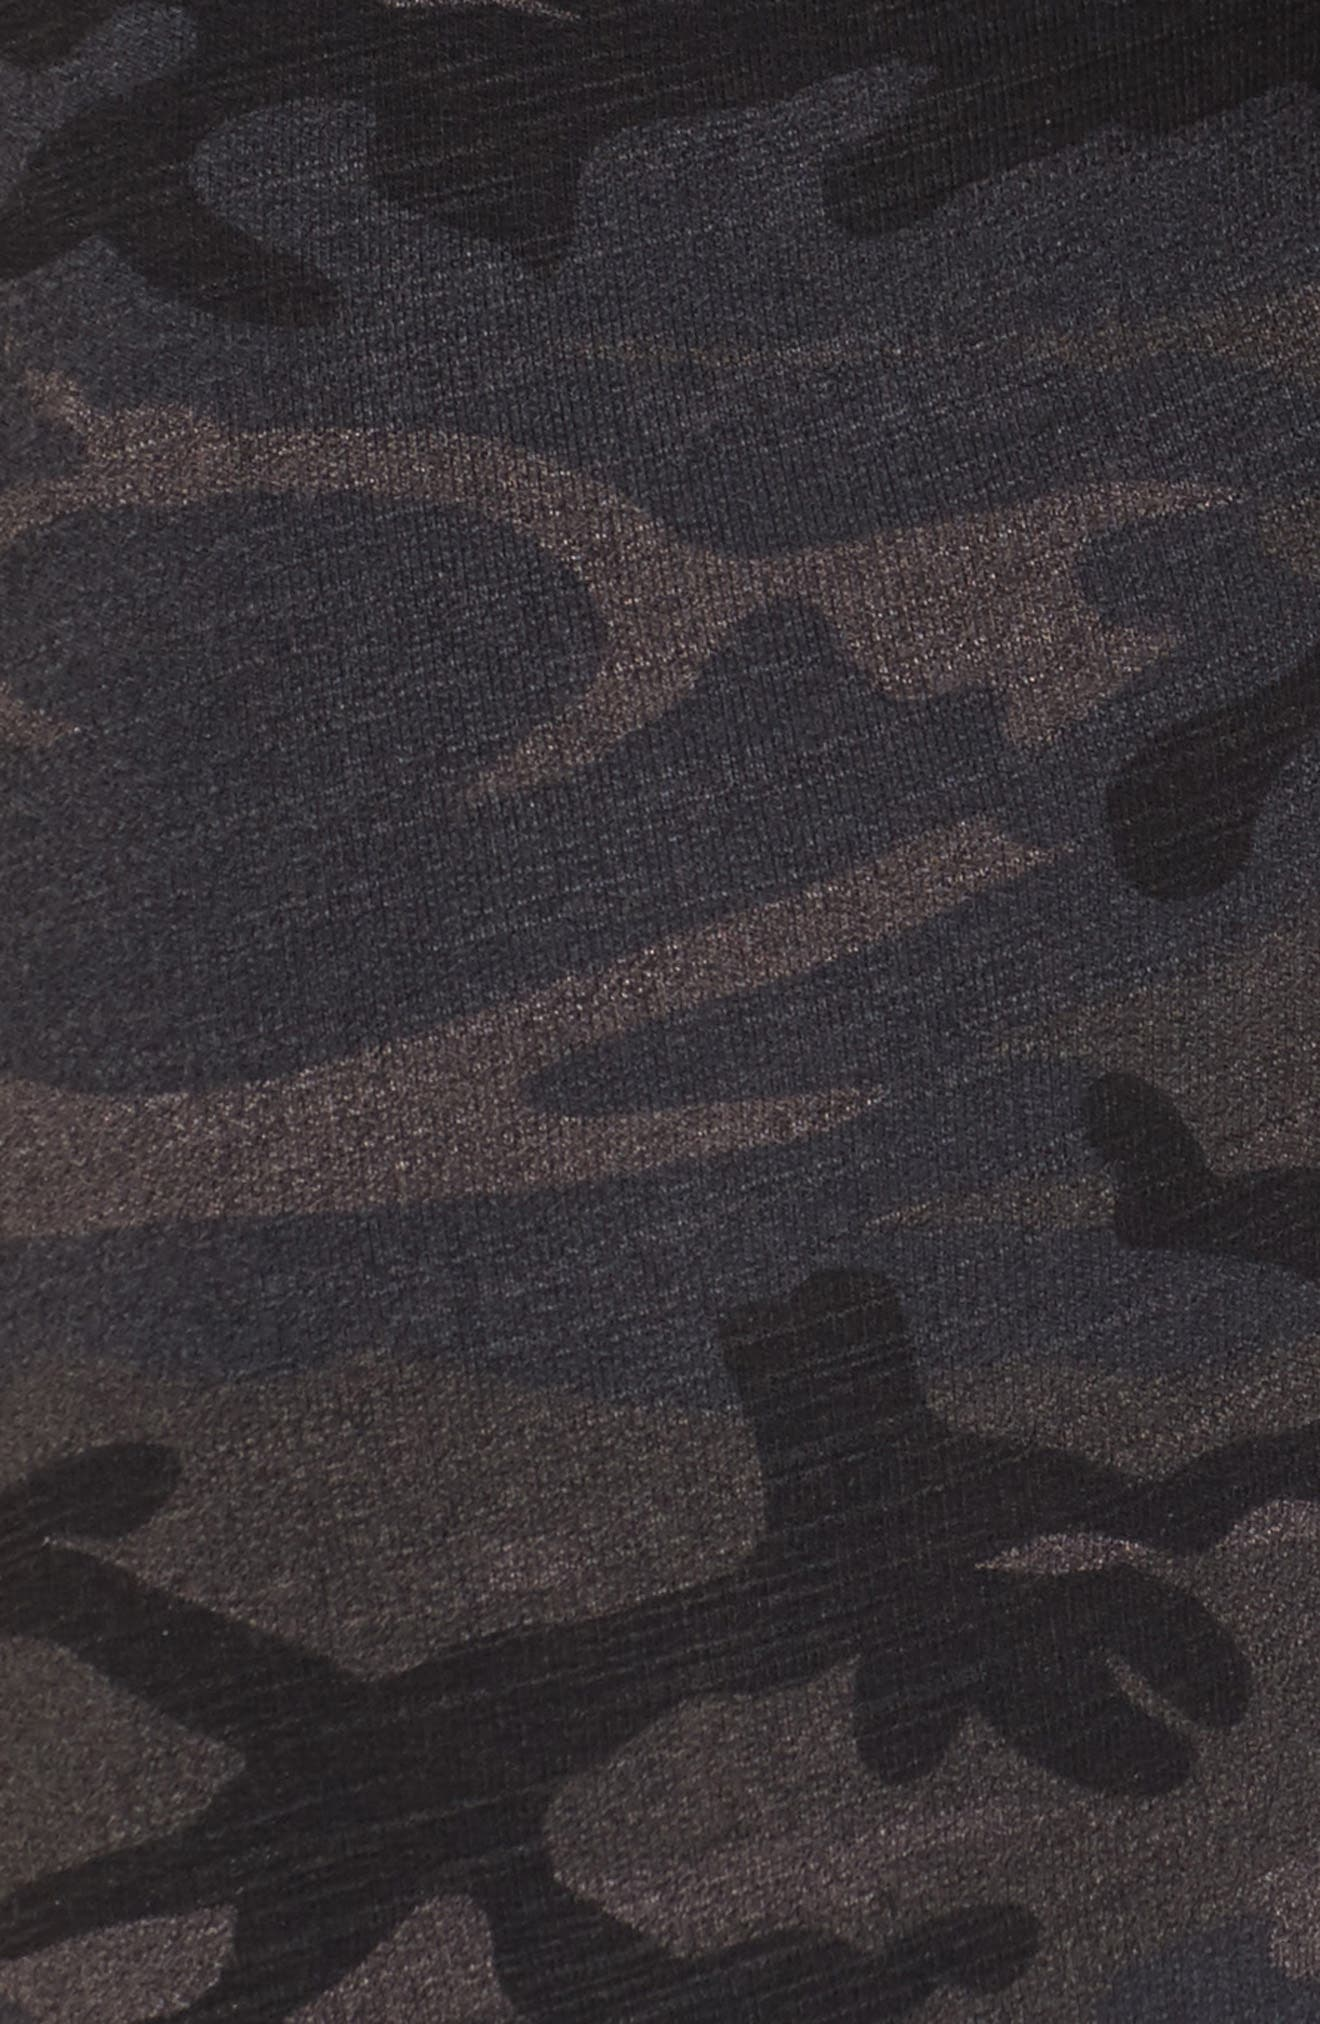 Camo Yoga Pants,                             Alternate thumbnail 6, color,                             Charcoal